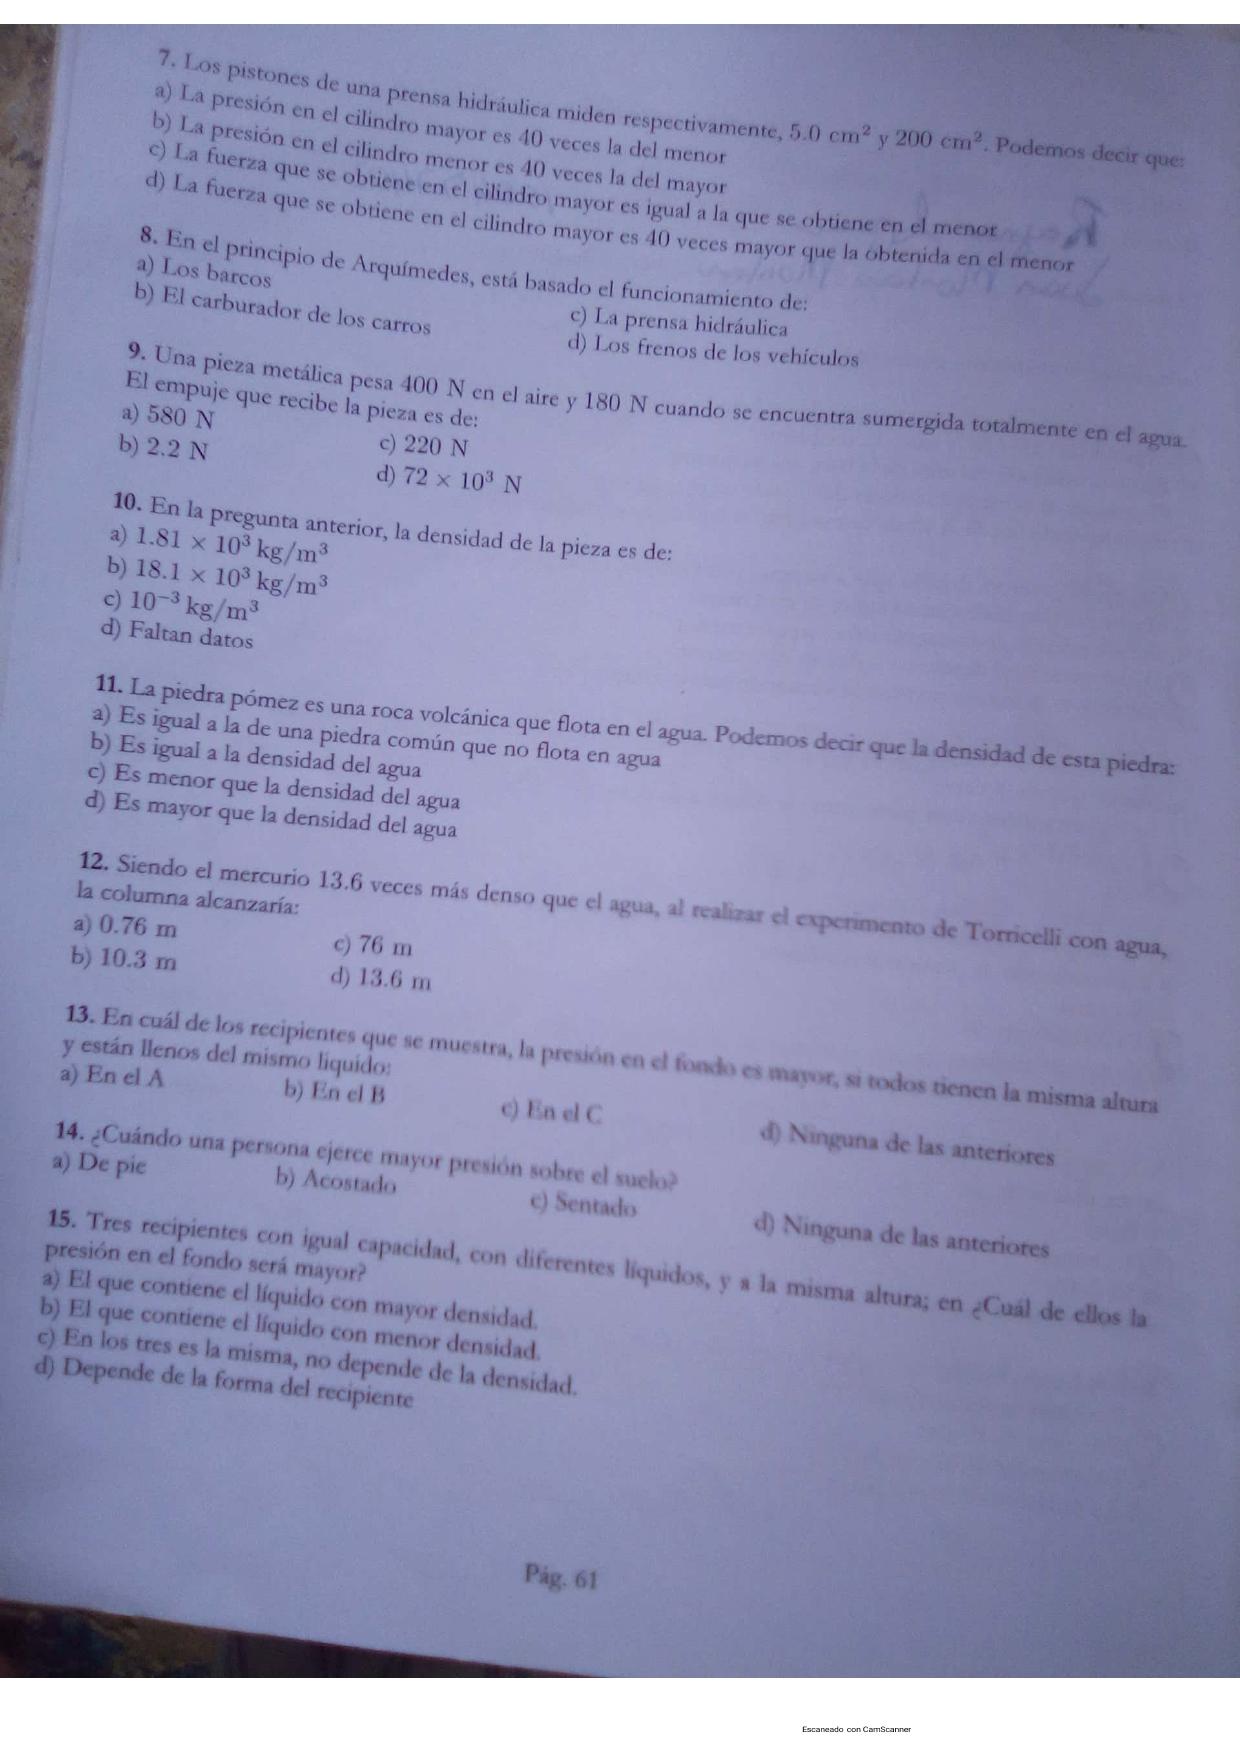 cuaderno-de-trabajo-f-sica-b-sica-page-0061